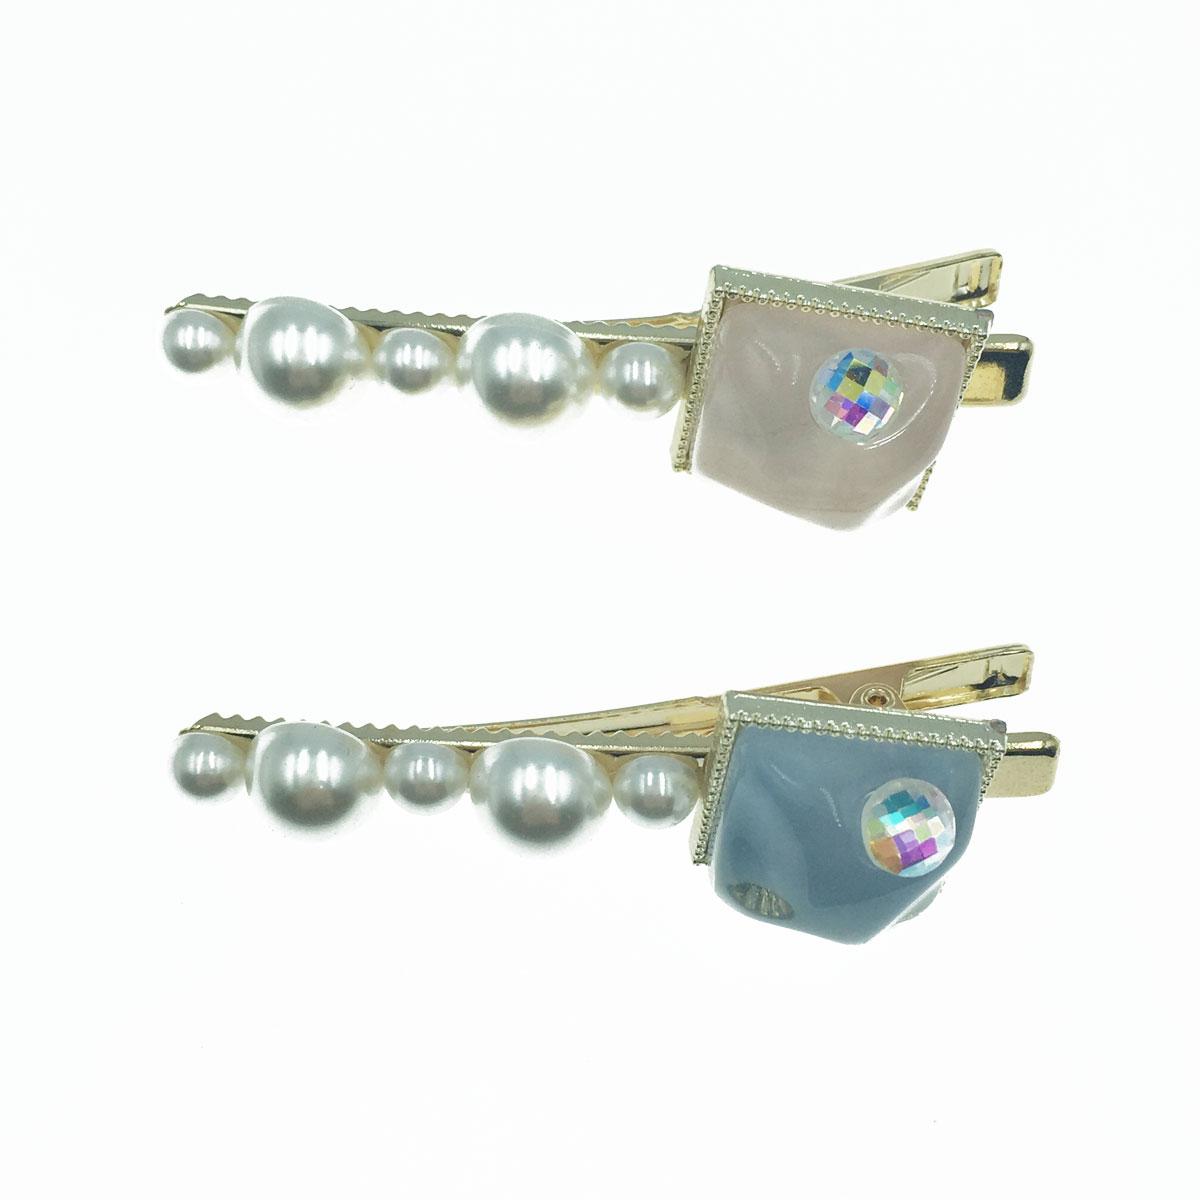 韓國 不規則方形珠珠 金邊 鑽 珍珠 髮夾 氣質感壓夾